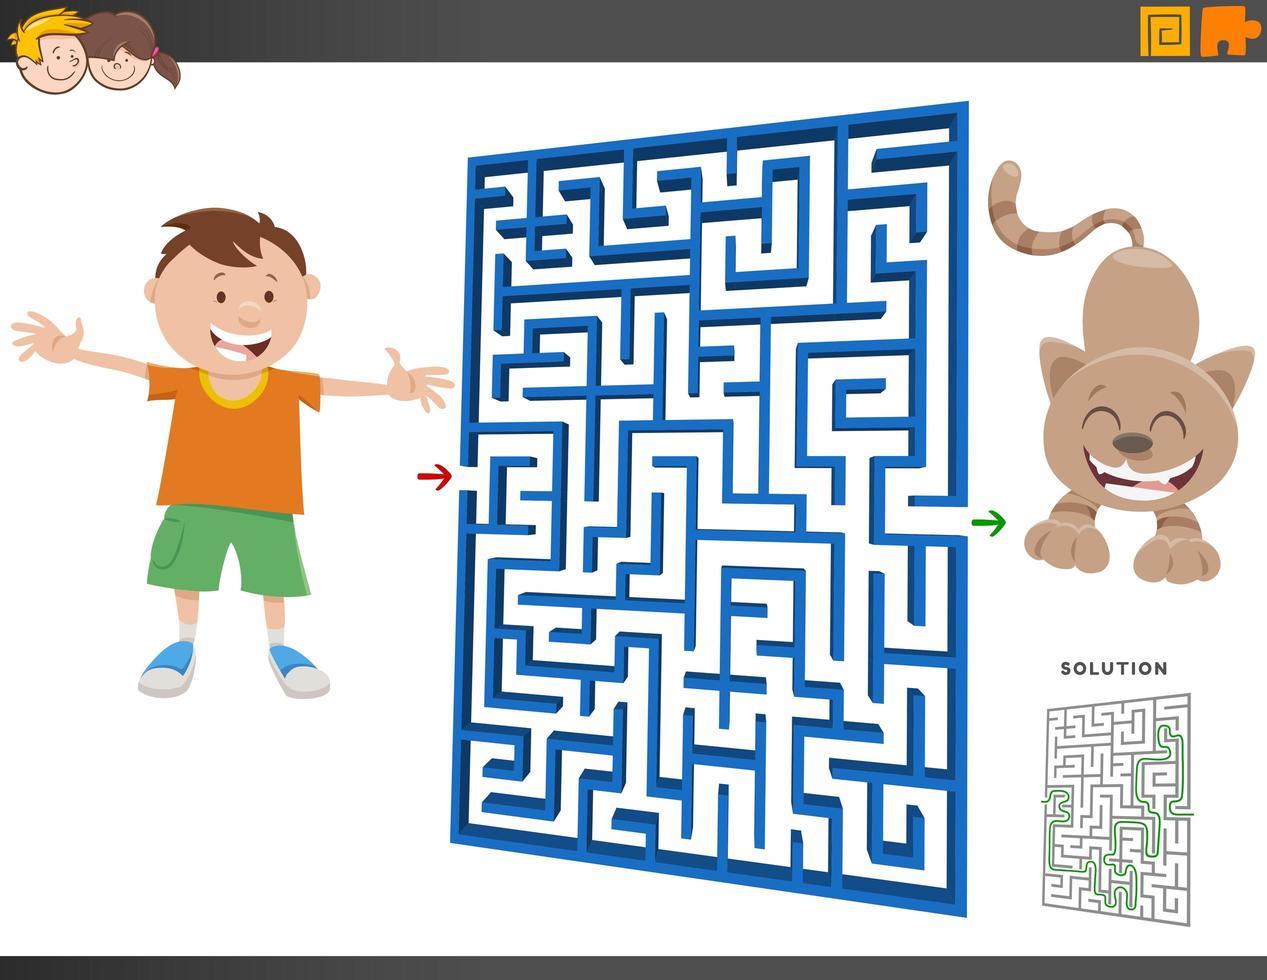 gioco del labirinto con cartone animato ragazzo e gattino vettore